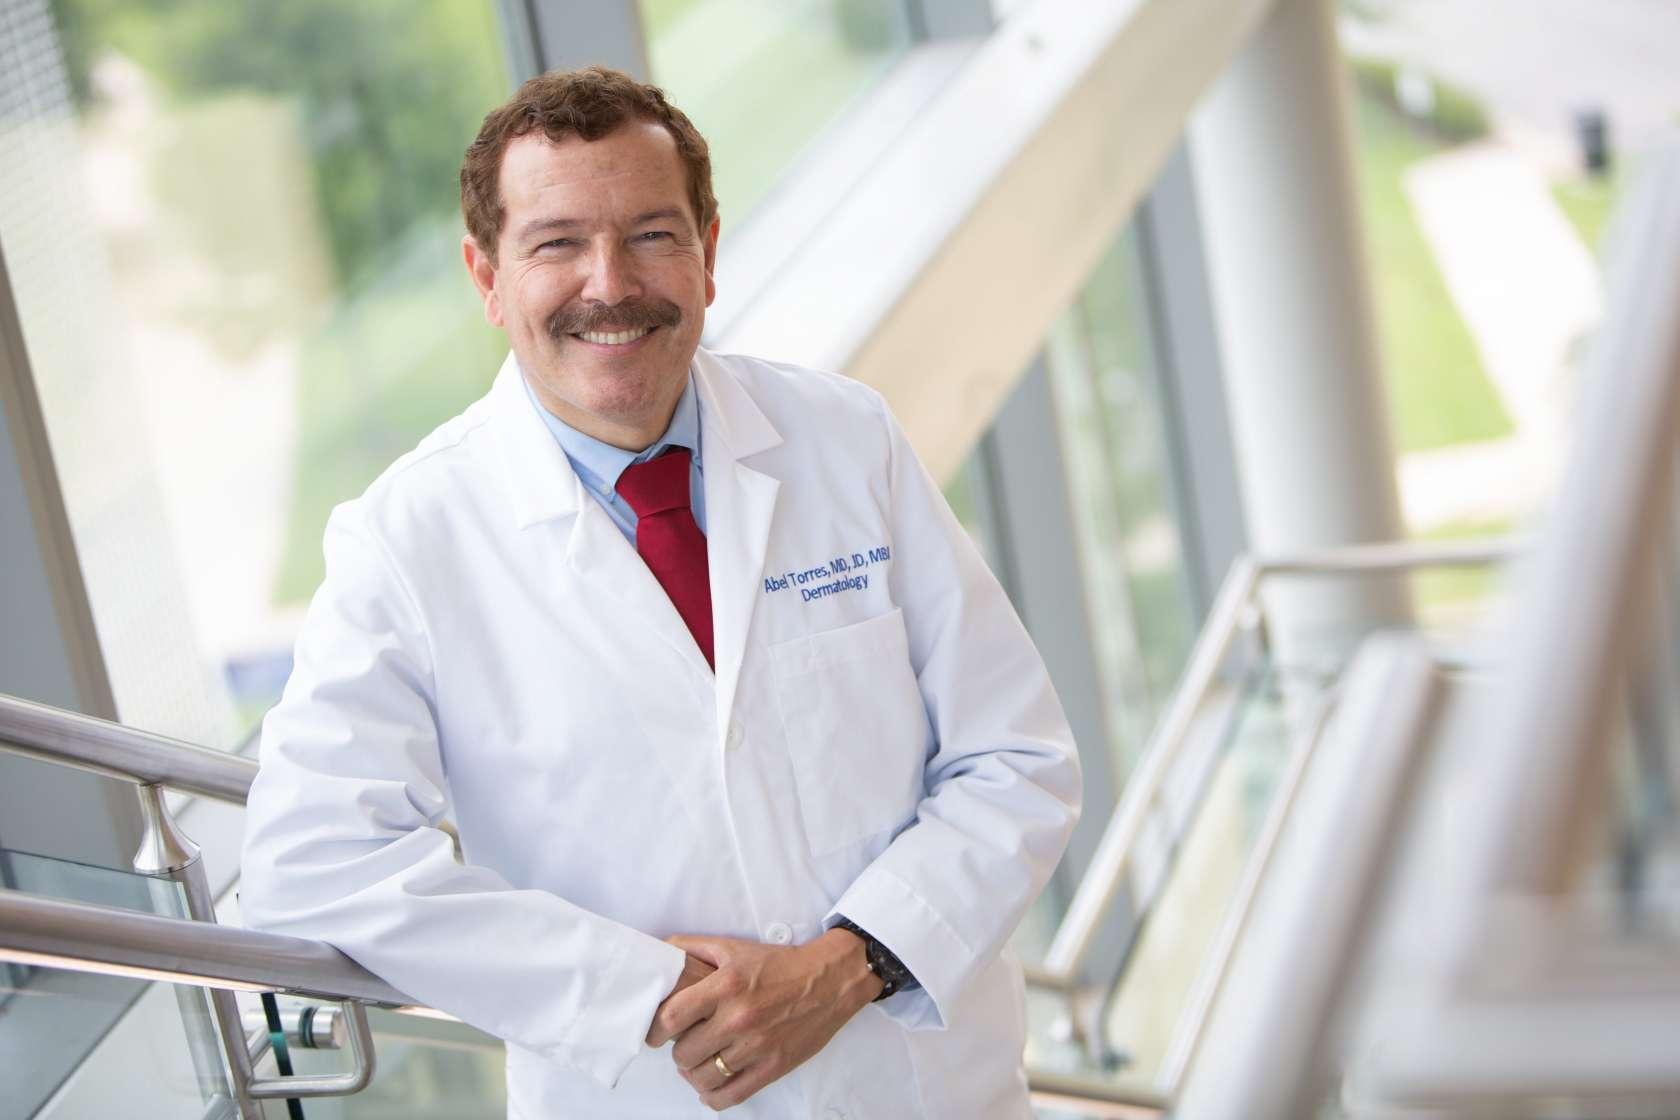 Dr Torres